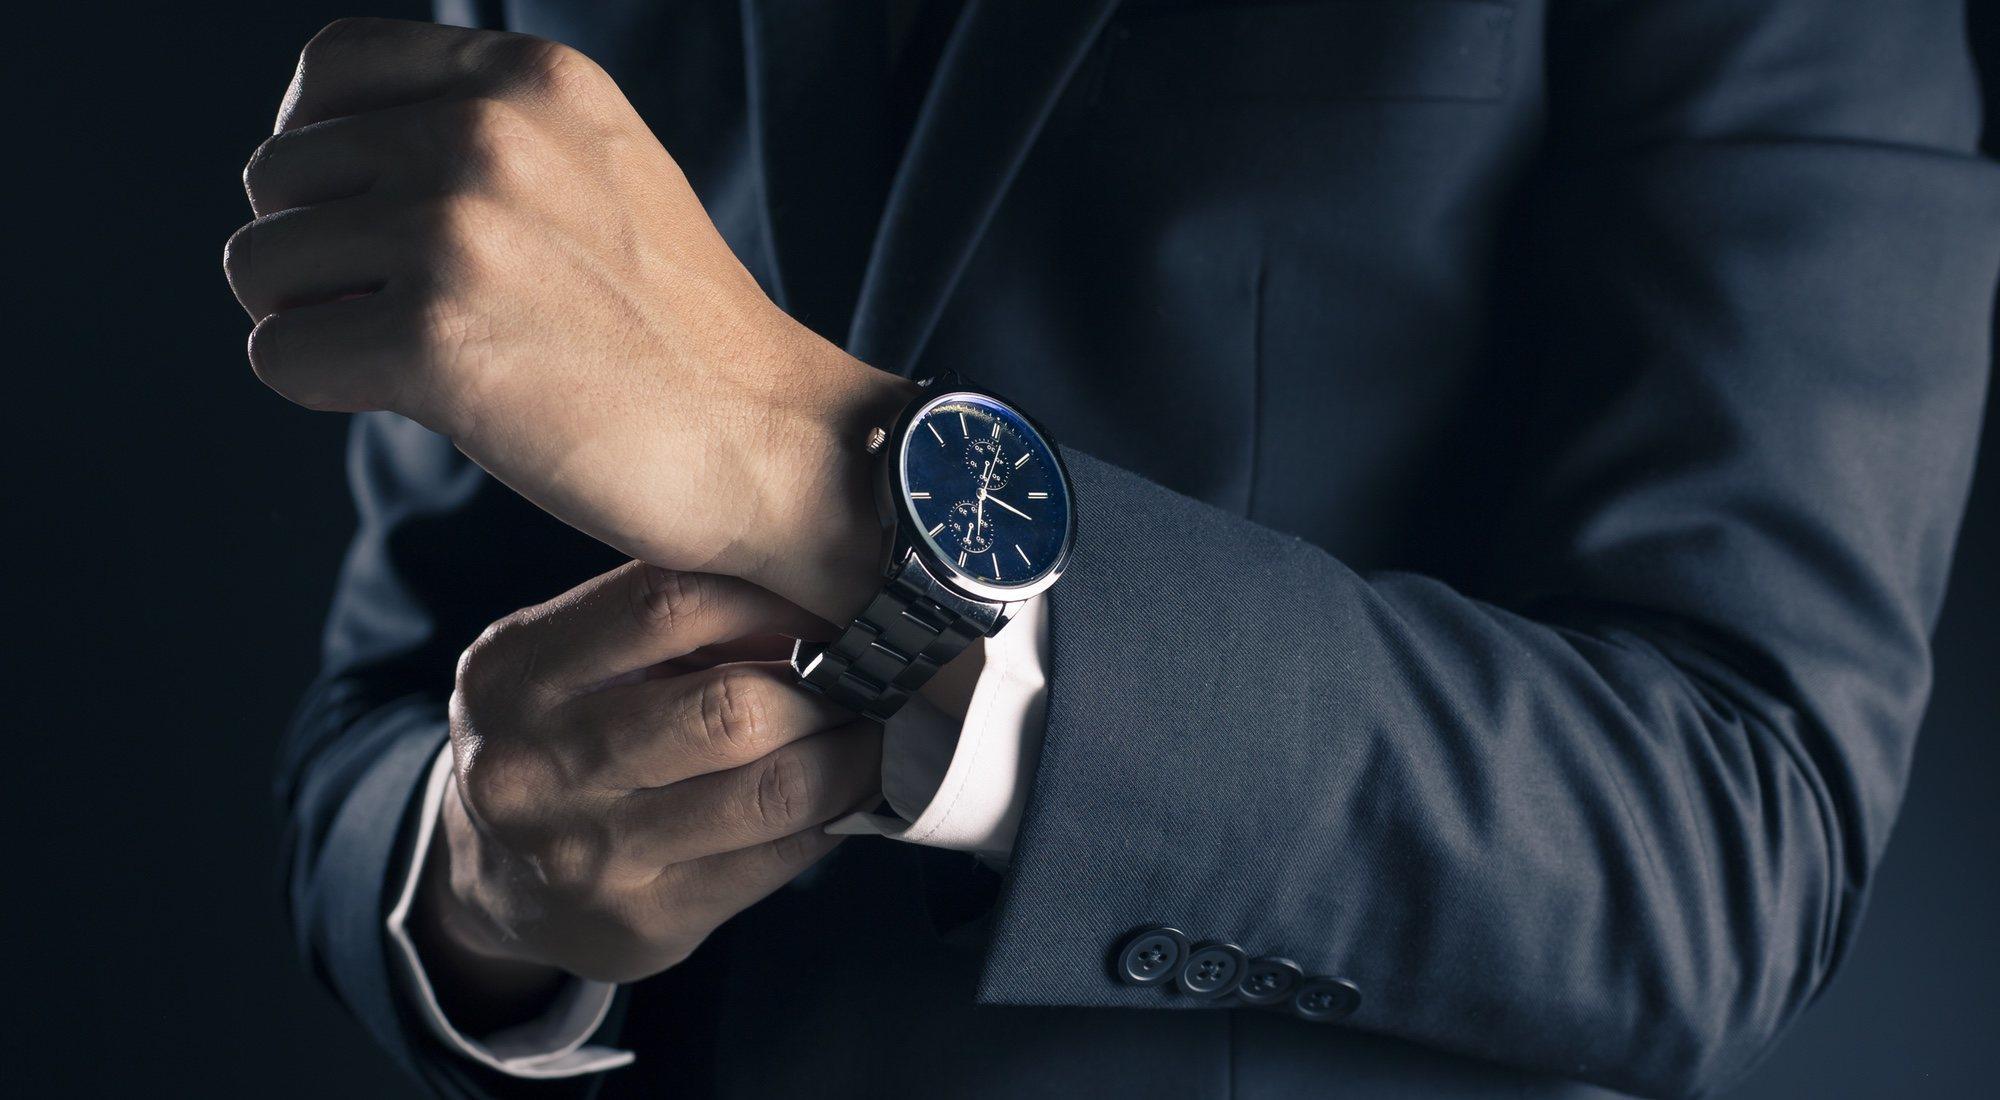 Este es el tipo de reloj que debes llevar para cada ocasión - MENzig afe5b6f3ceb0